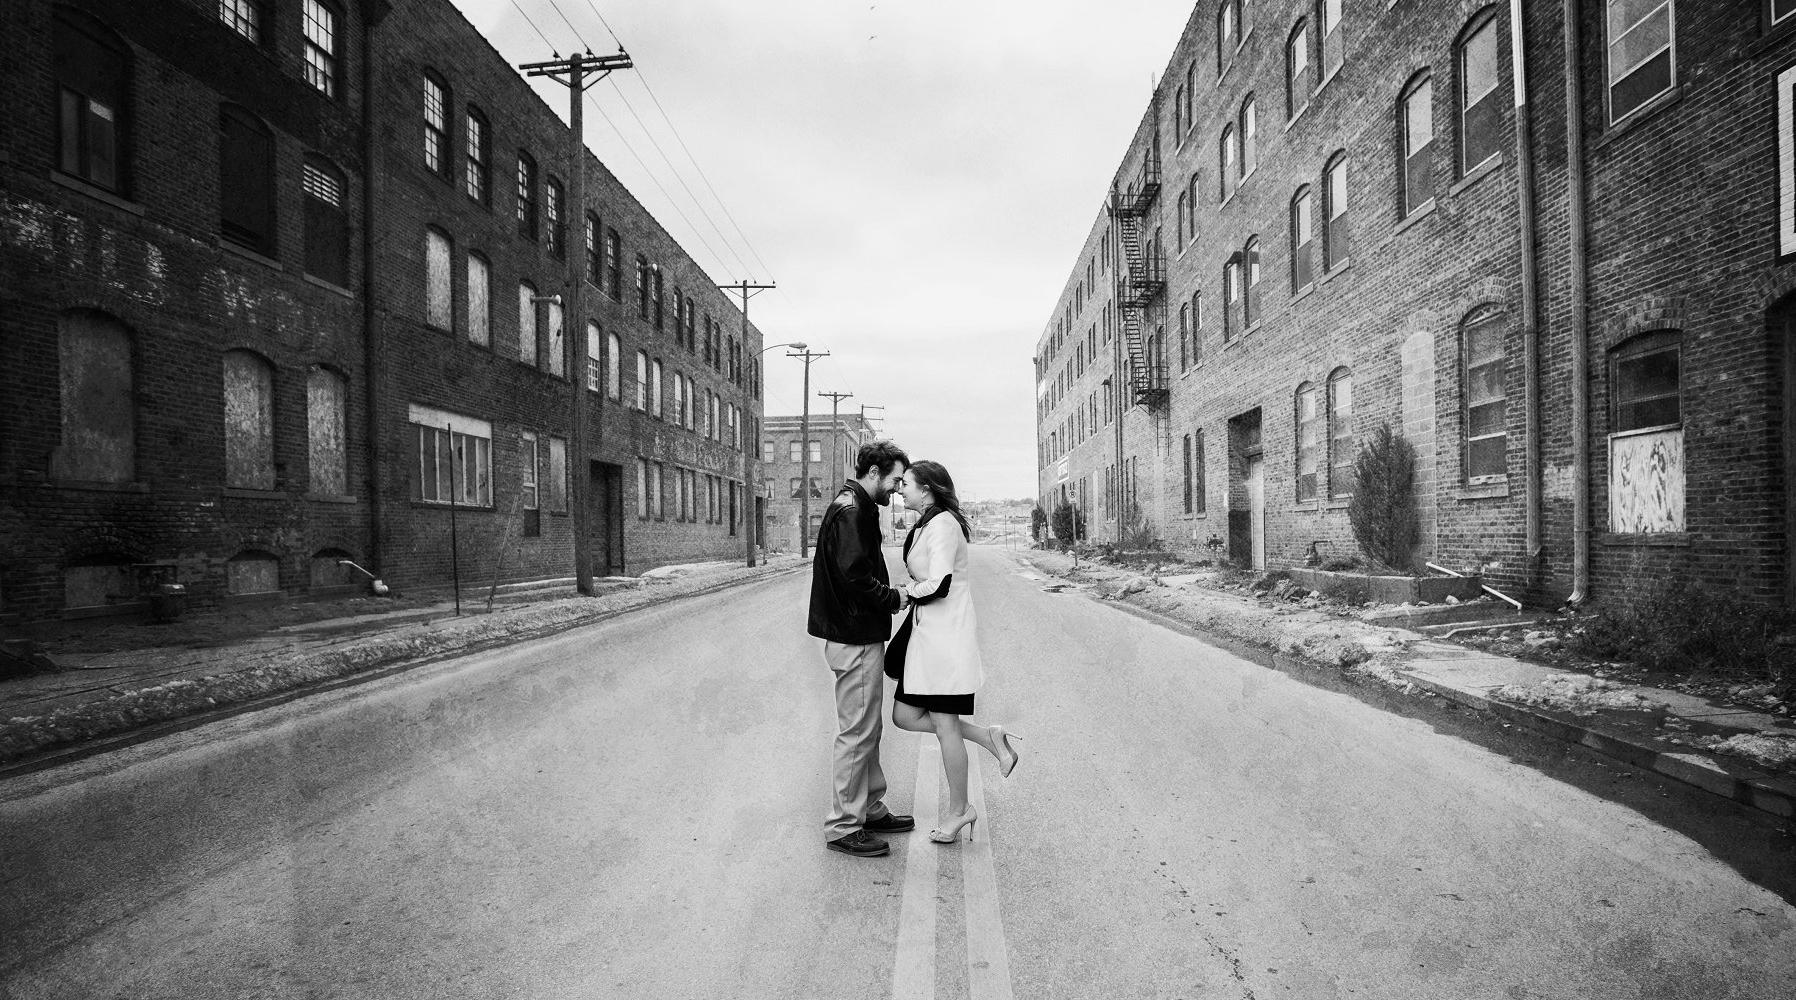 omaha-ne-engagement-wedding-photographer-1